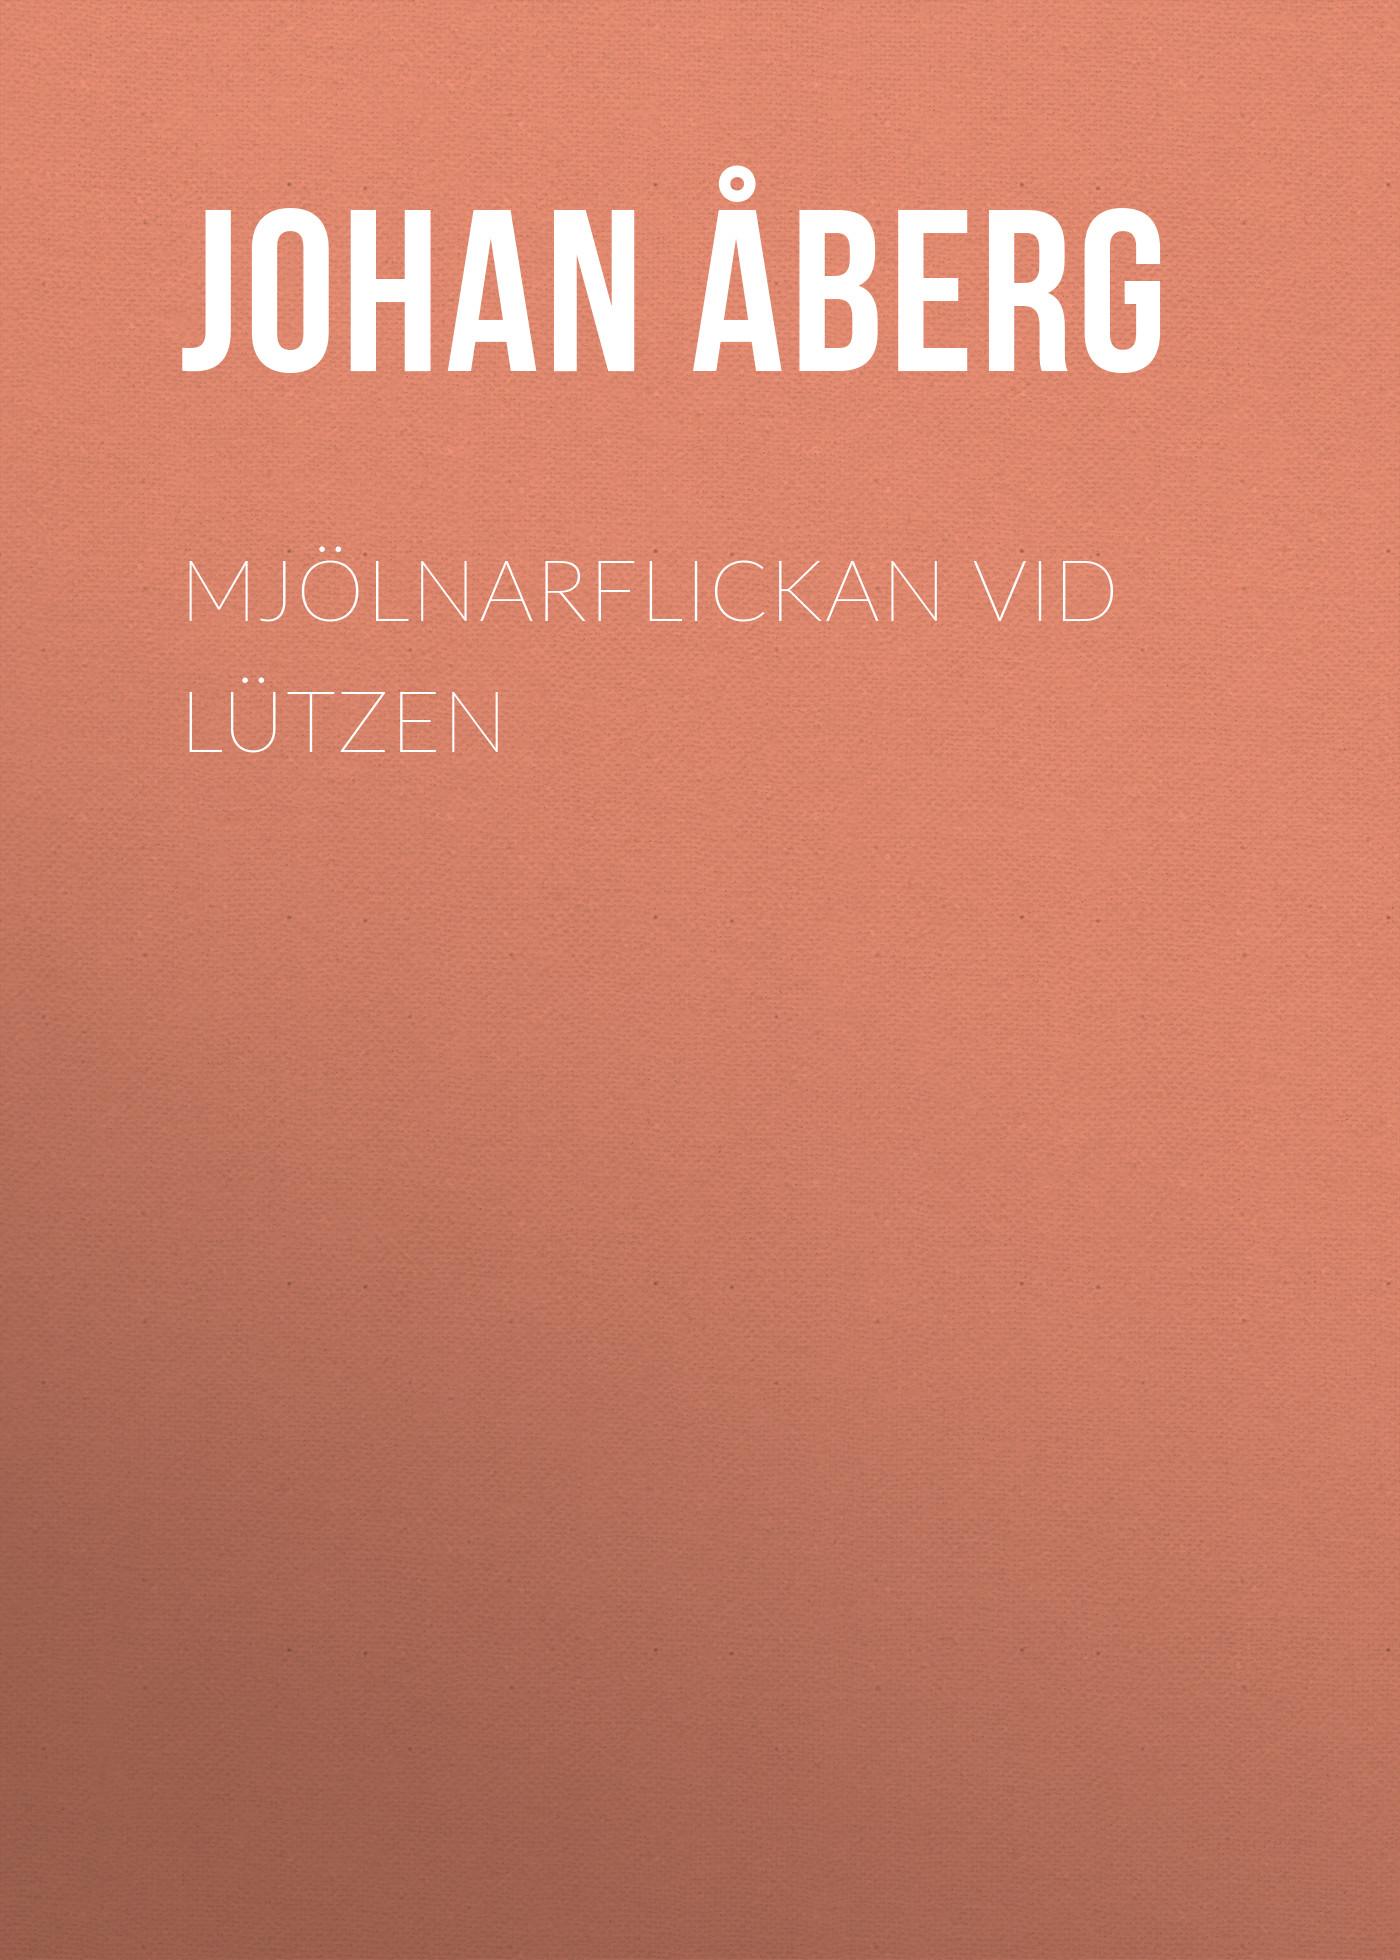 Åberg Johan Olof Mjölnarflickan vid Lützen åberg johan olof mjölnarflickan vid lützen page 2